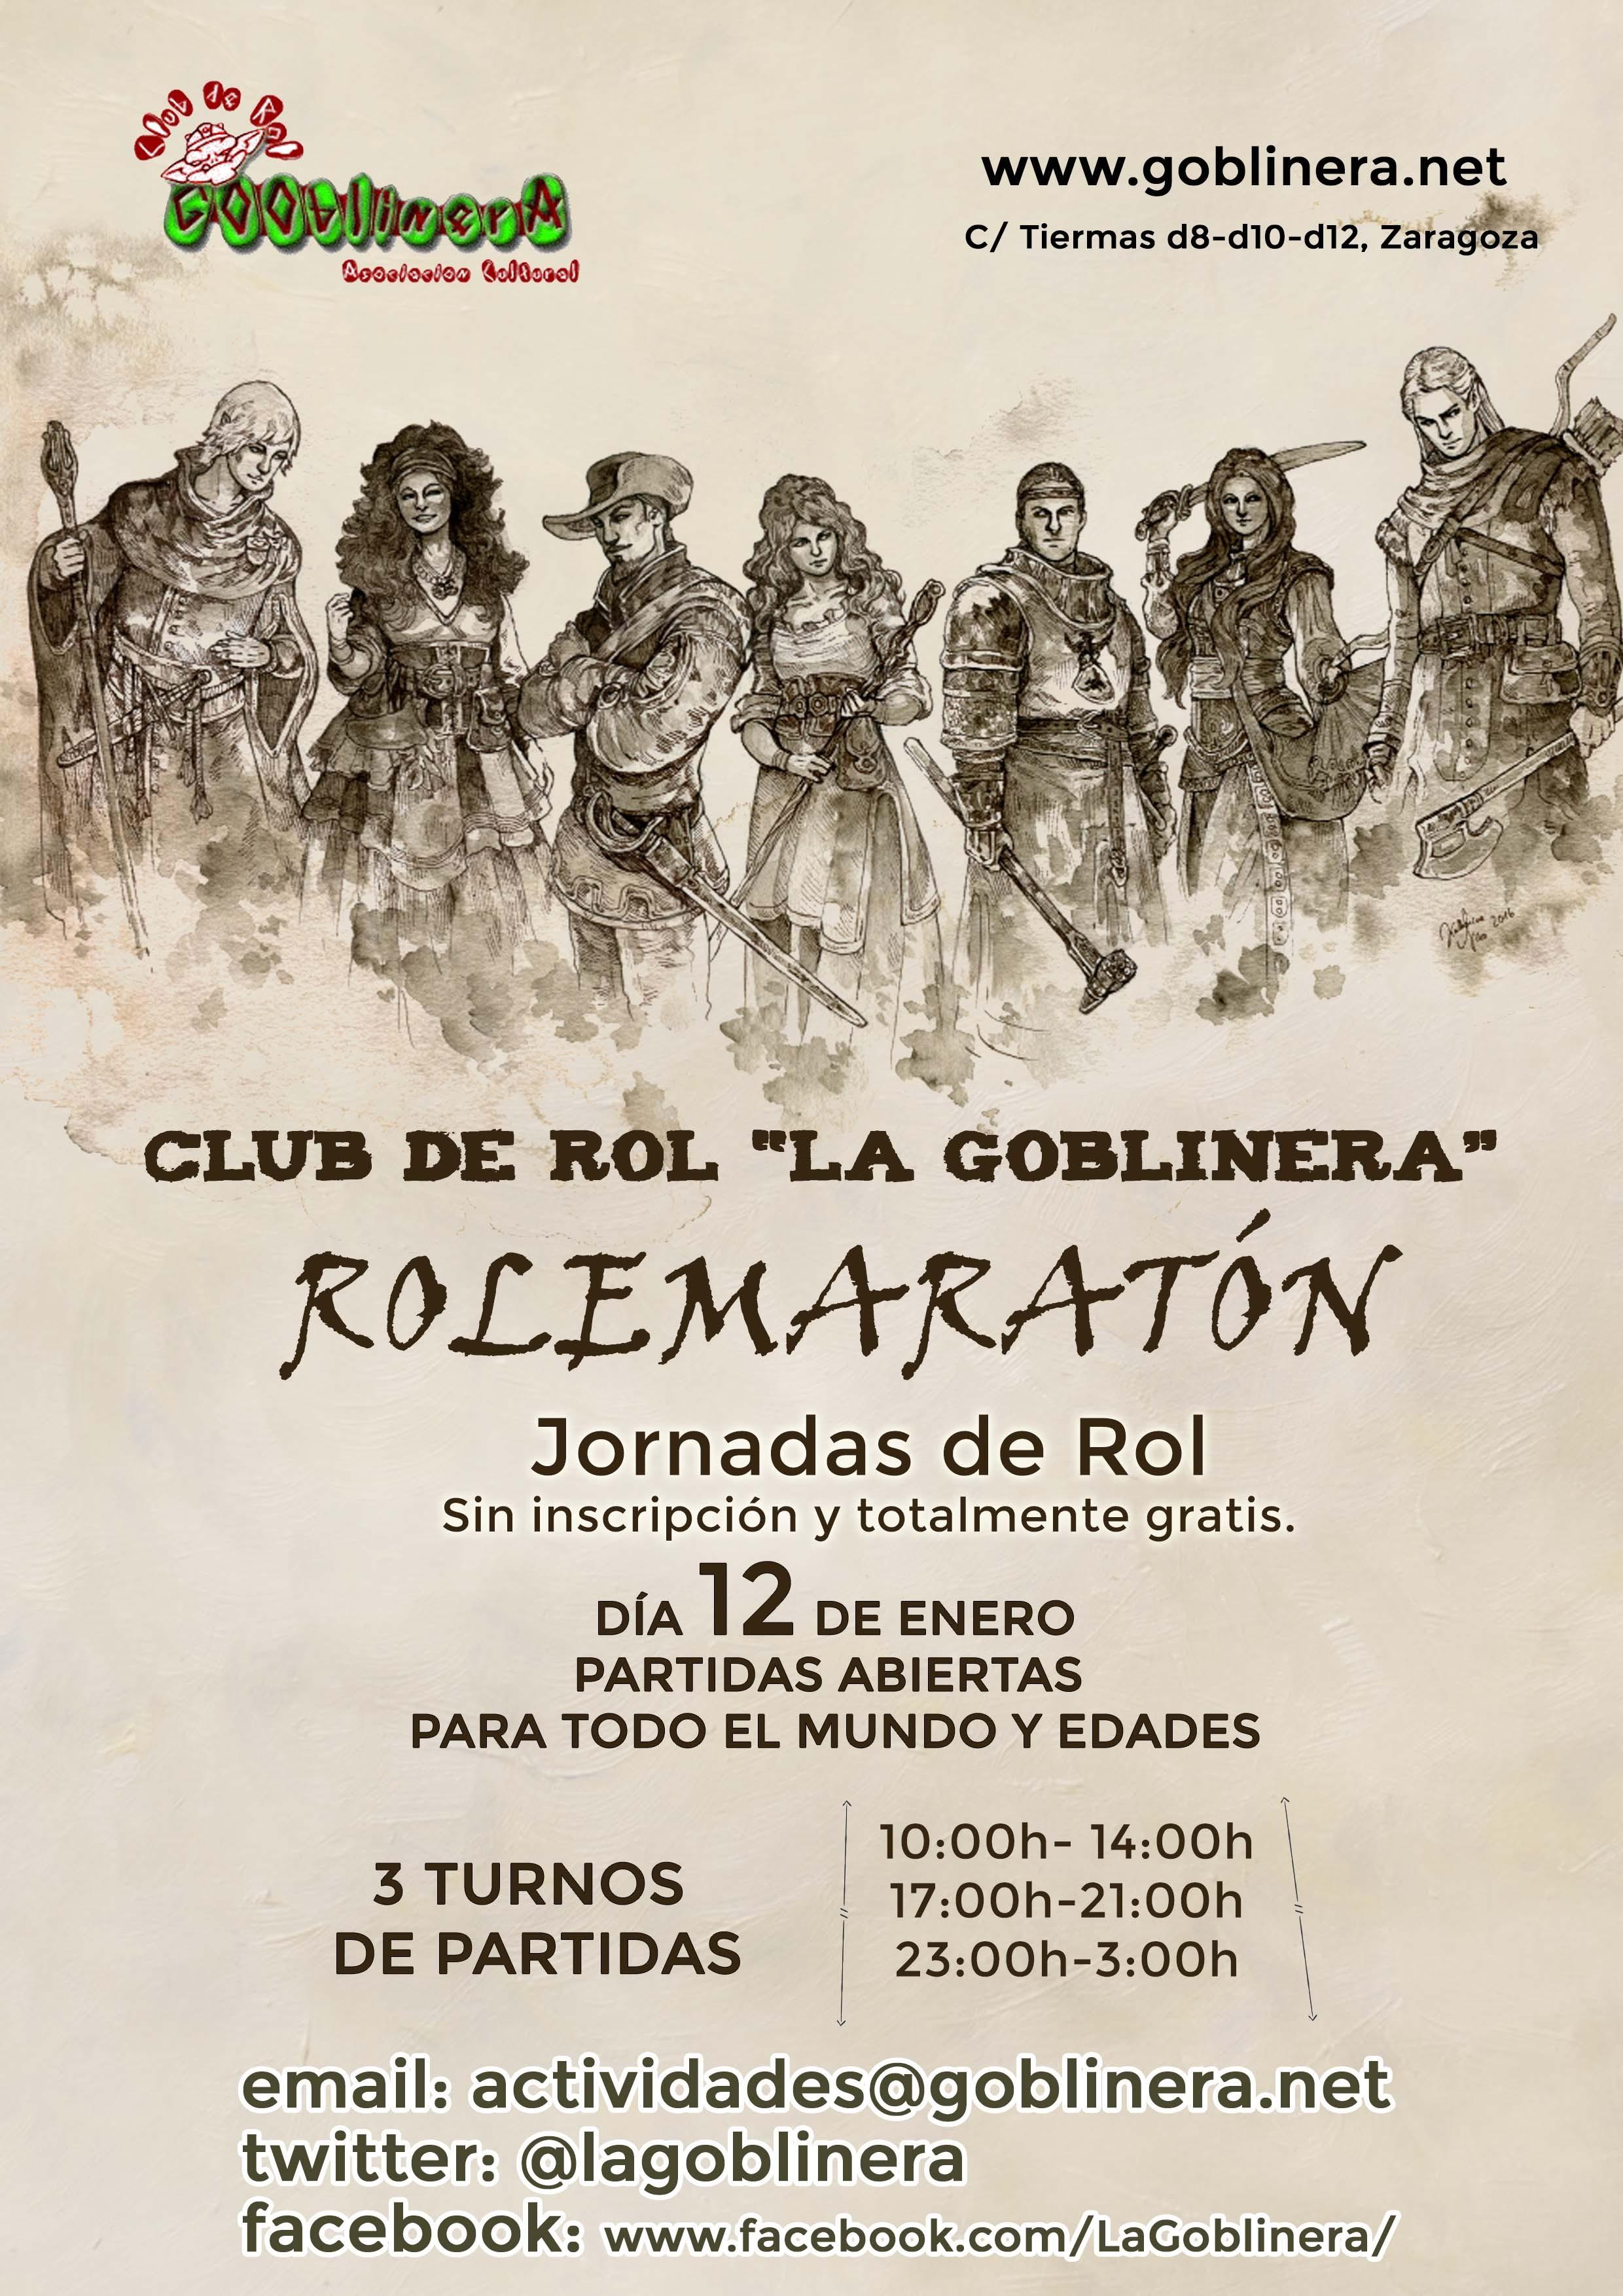 Rolemaratón La Goblinera